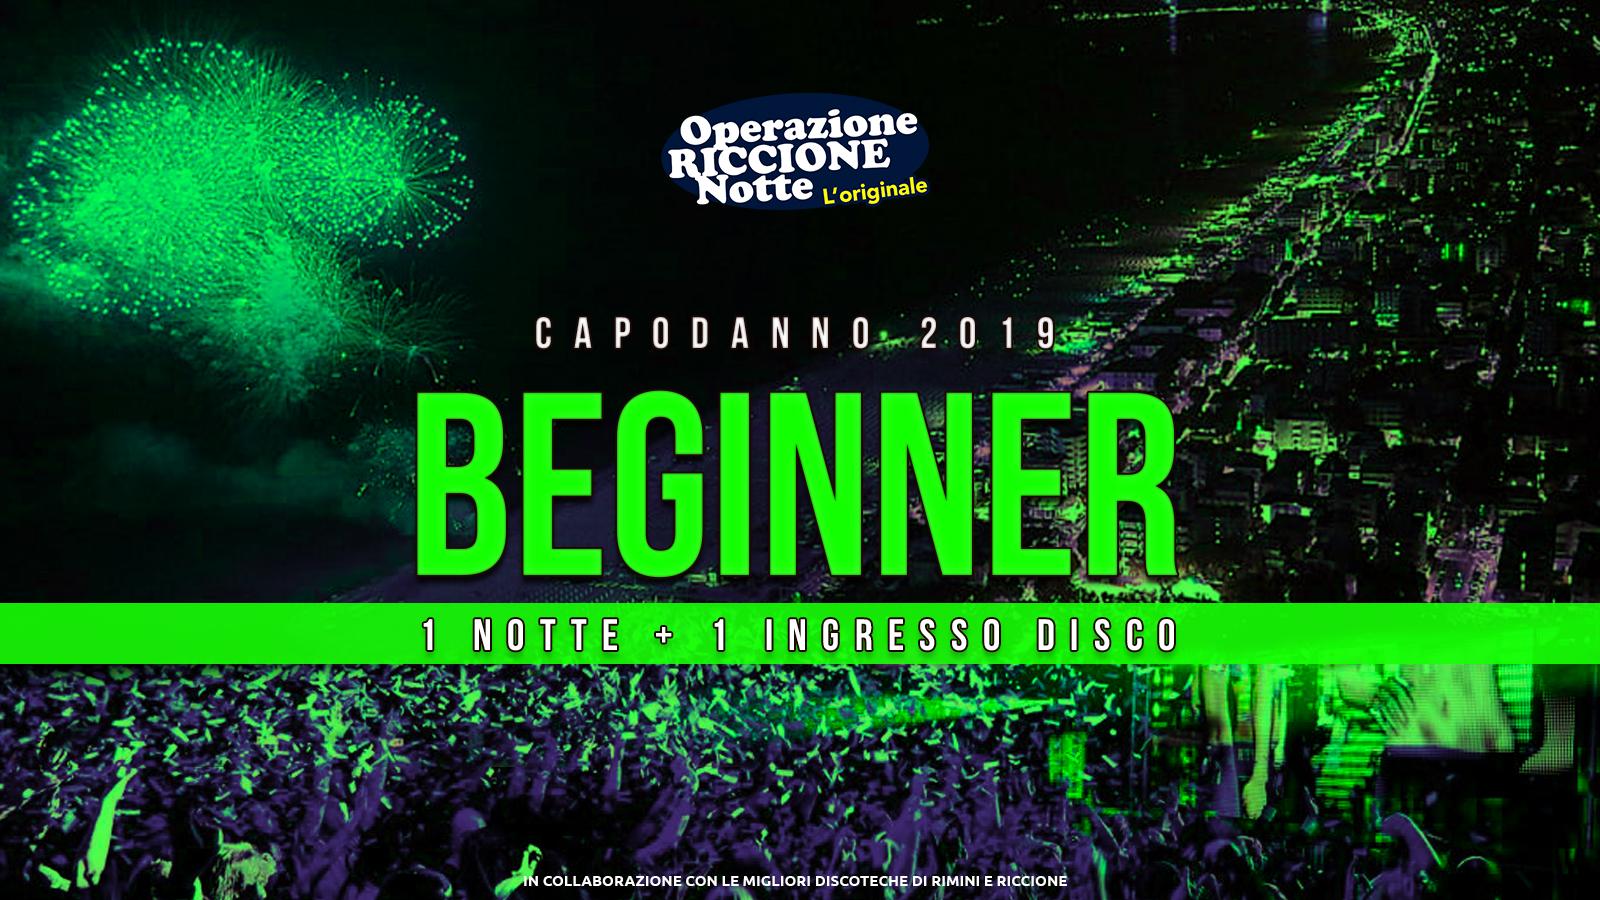 Capodanno 2019 Riccione Rimini Pacchetto Hotel + Discoteche Beginner